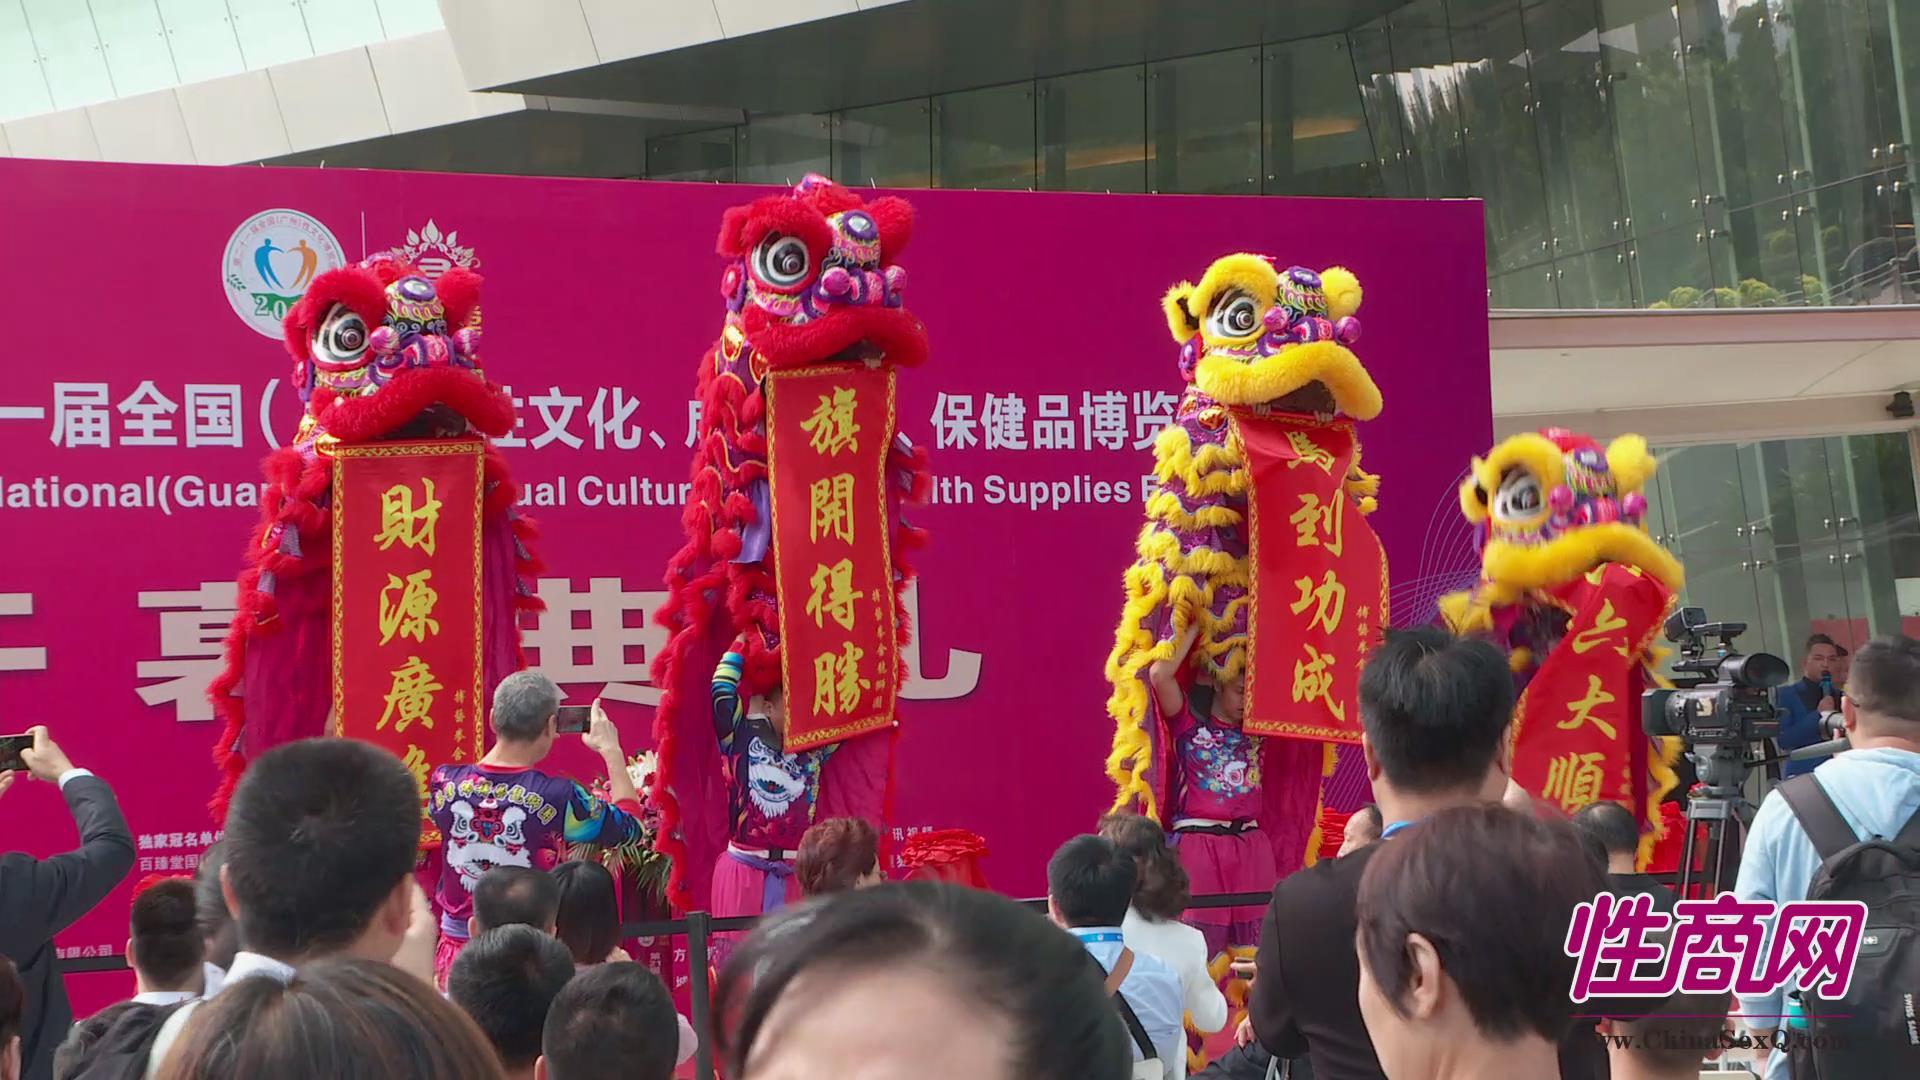 2019广州性文化节活动众多,精彩纷呈图片1